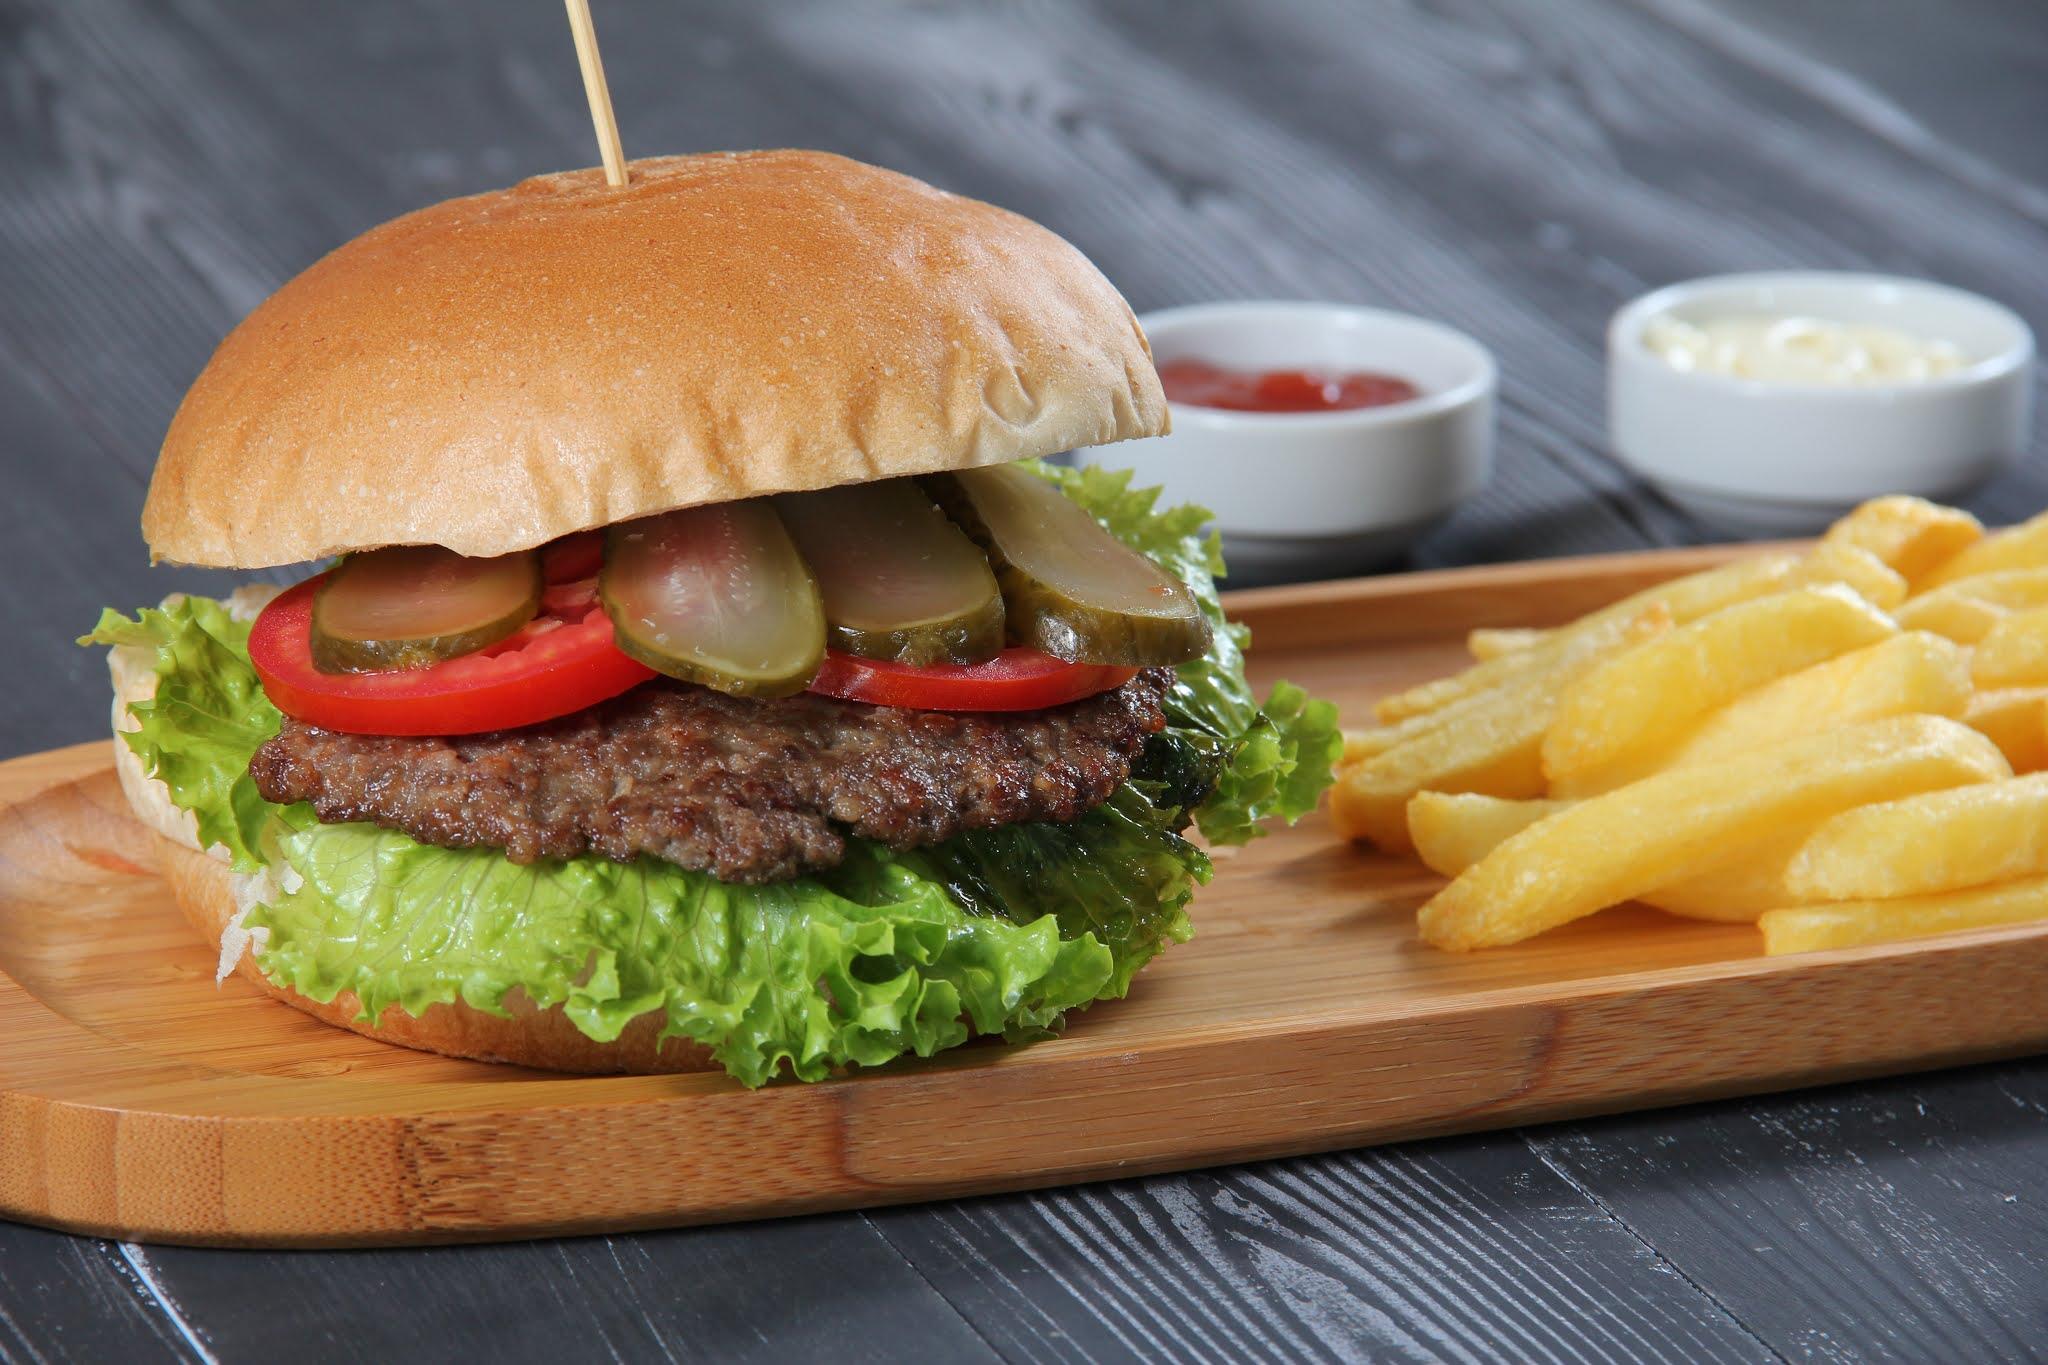 porto costa cafe bistro alsancak izmir menü fiyat listesi hamburger